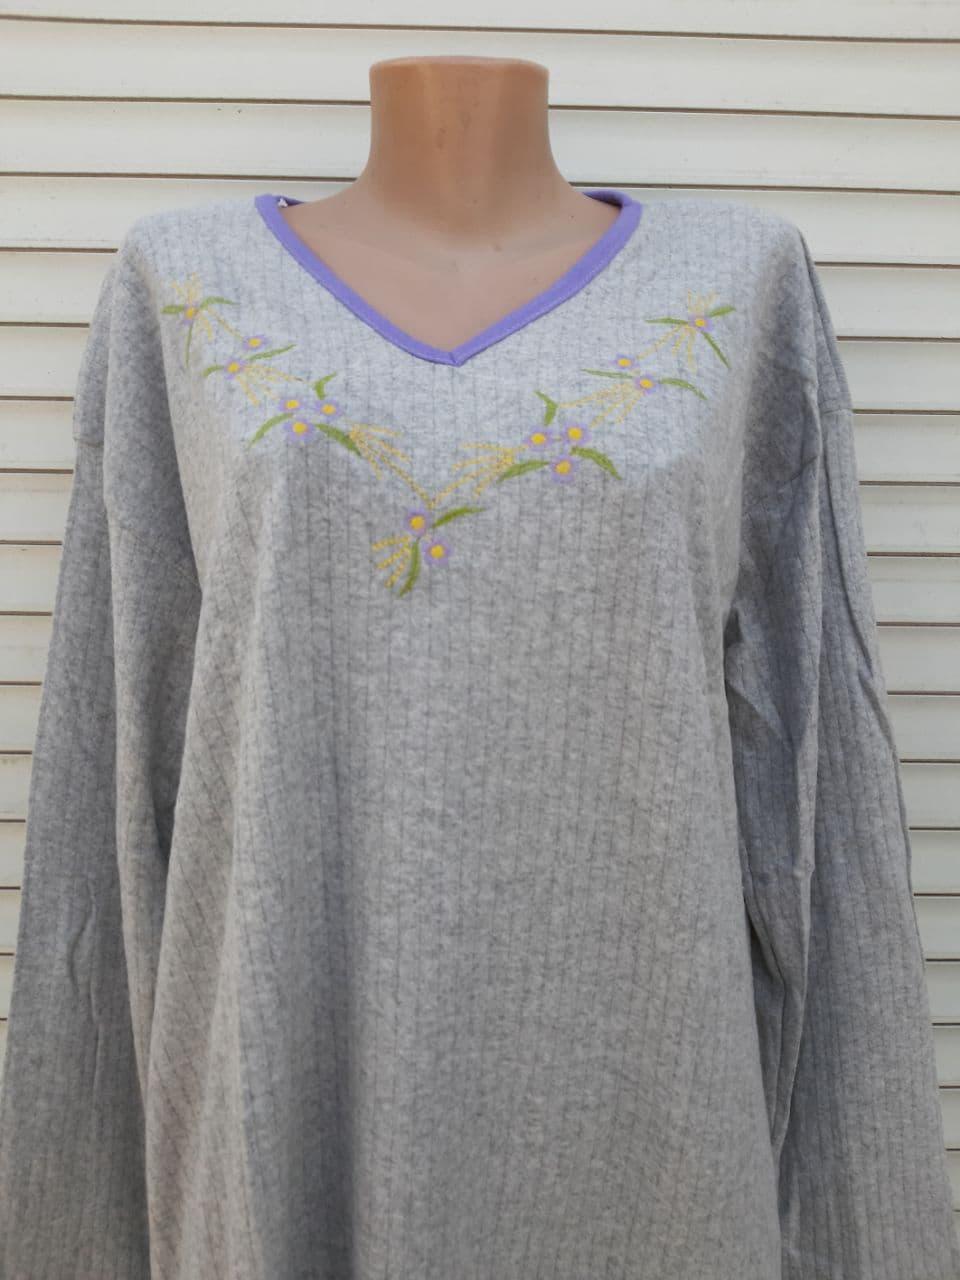 Теплая кашемировая ночная рубашка Красивая ночнушка Сиреневые цветочки размер XL